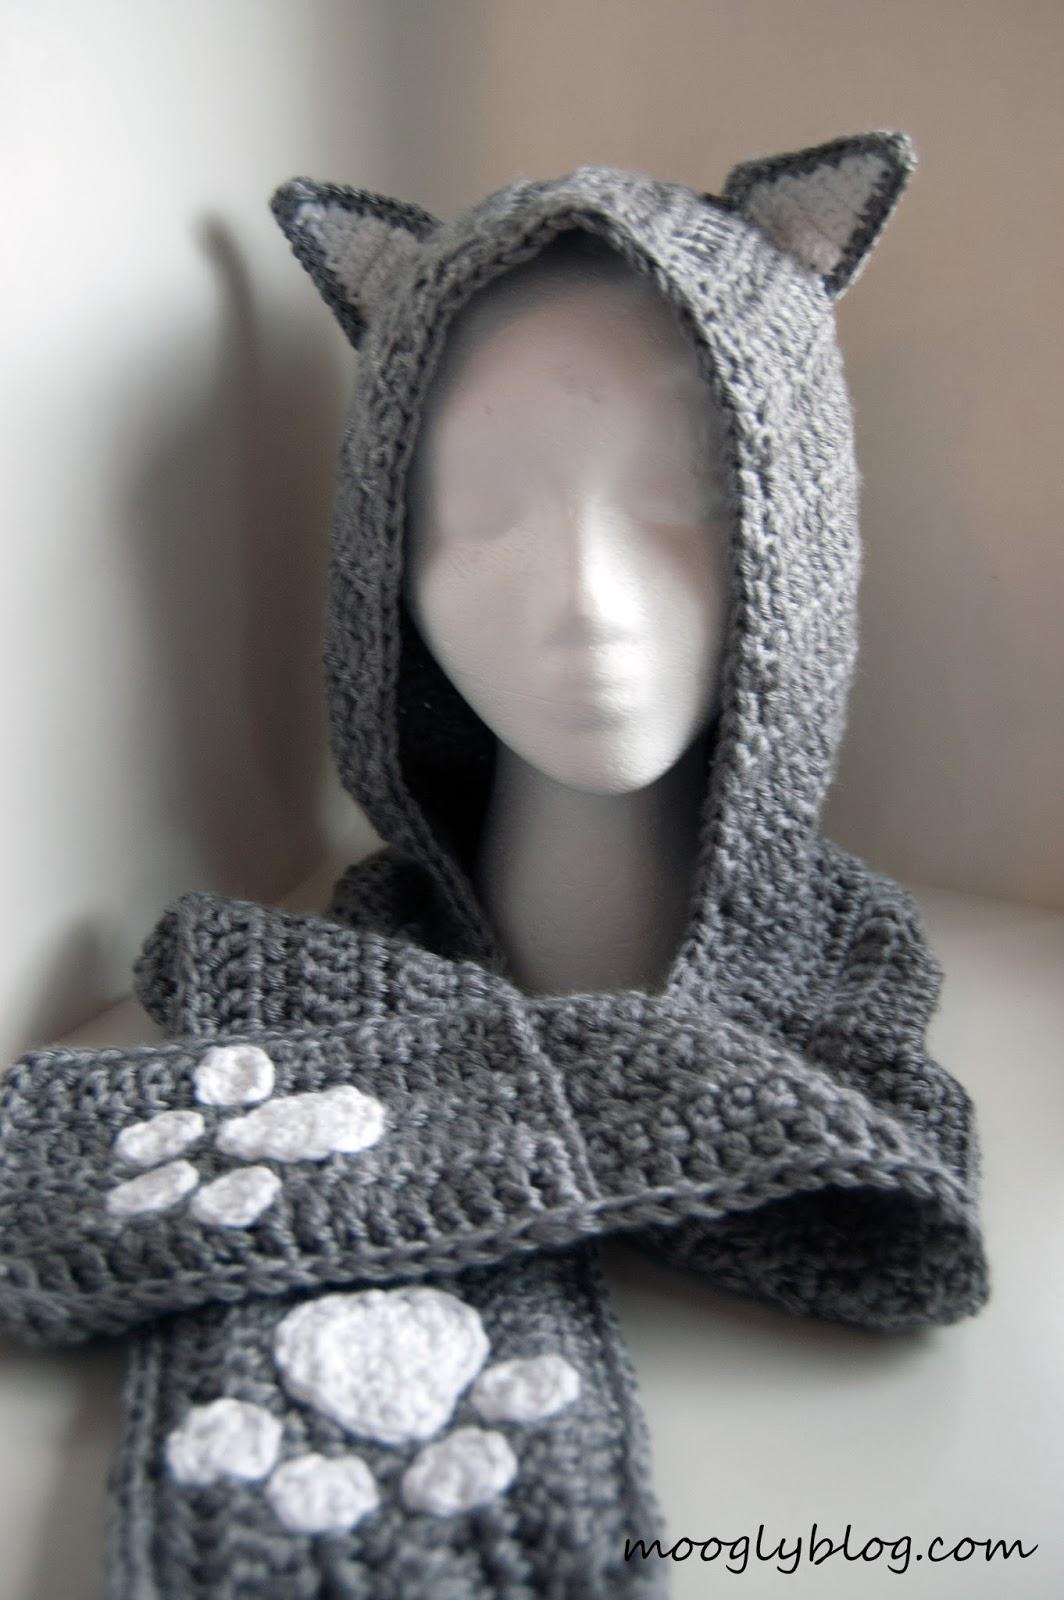 La Abuela Popera: En busca de la bufanda con capucha perfecta